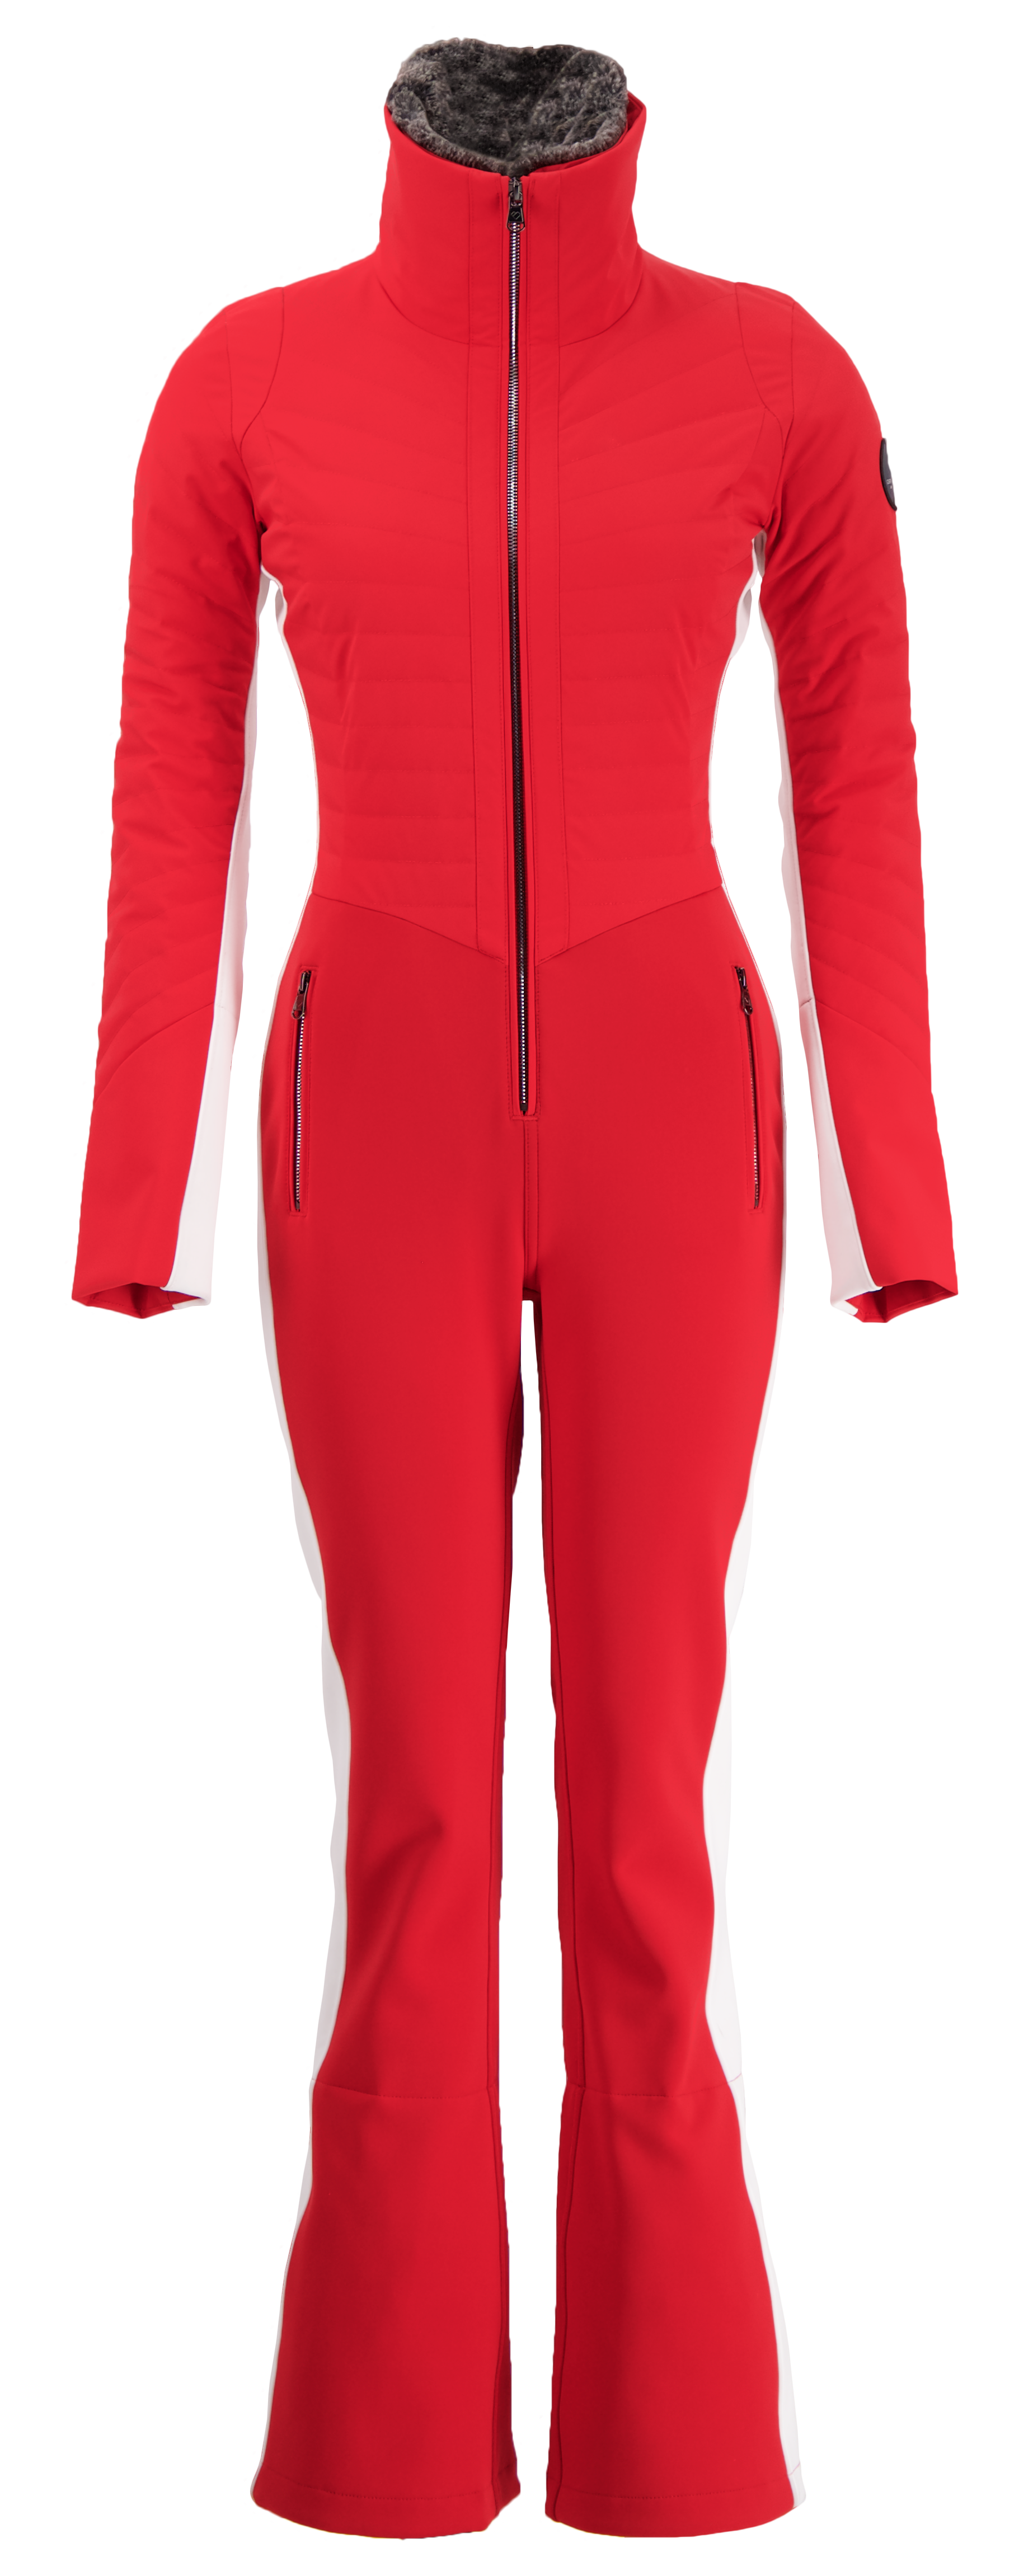 Lindsey Vonn Ski Fitness